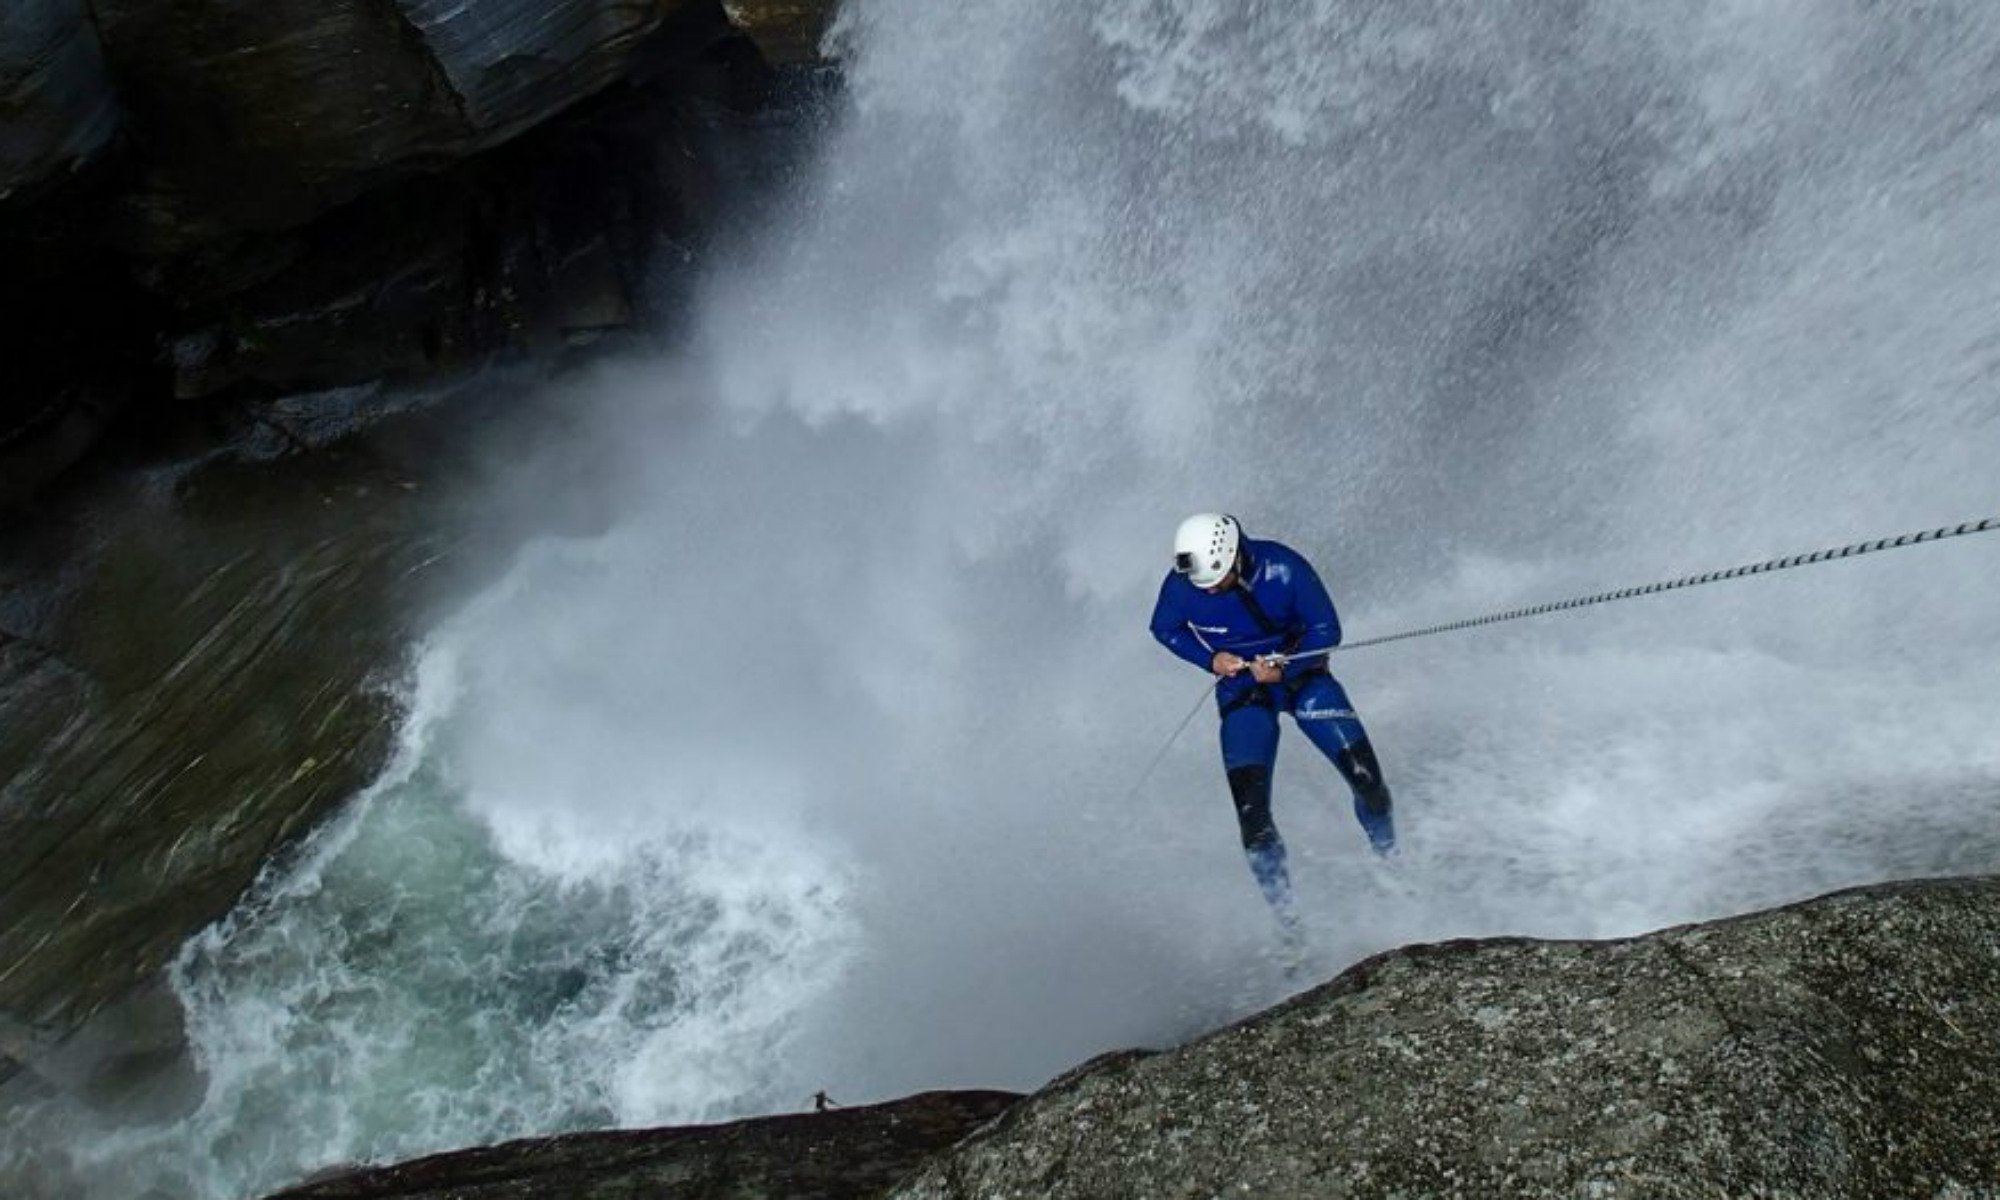 Ein Canyoning Teilnehmer seilt sich an einem Wasserfall in der Iragna Schlucht ab